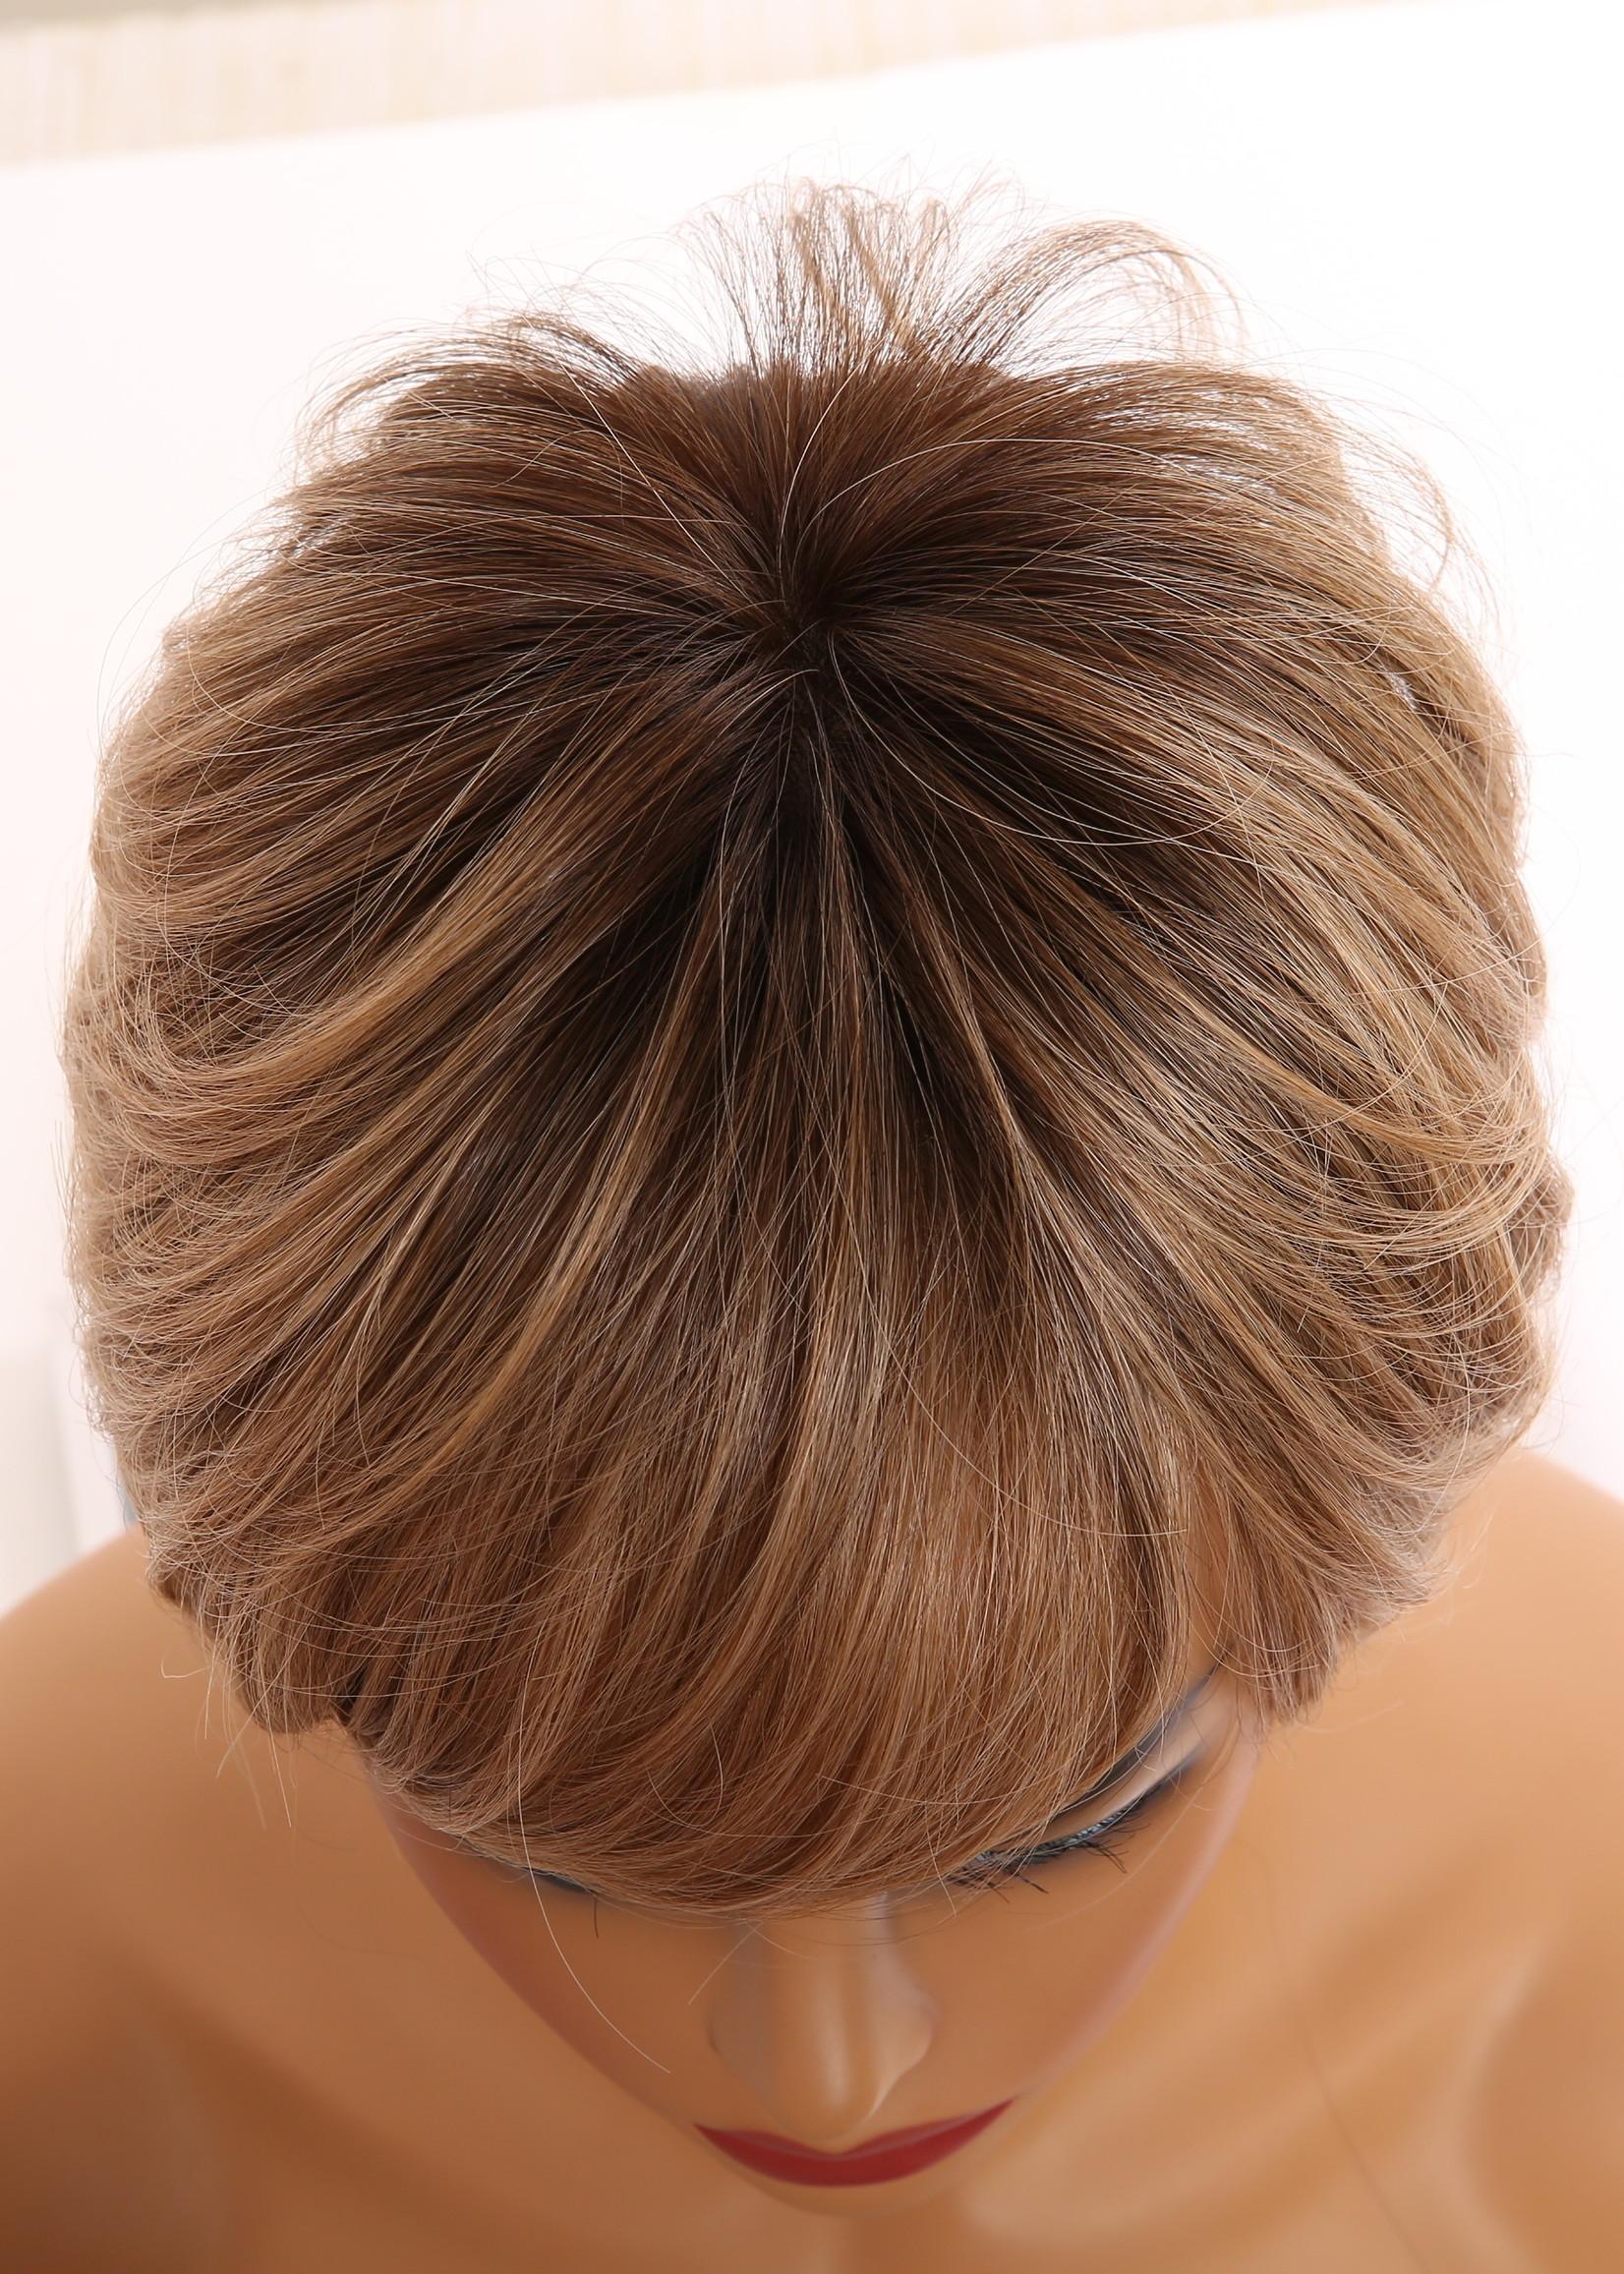 Synthetic Wig - Owyn